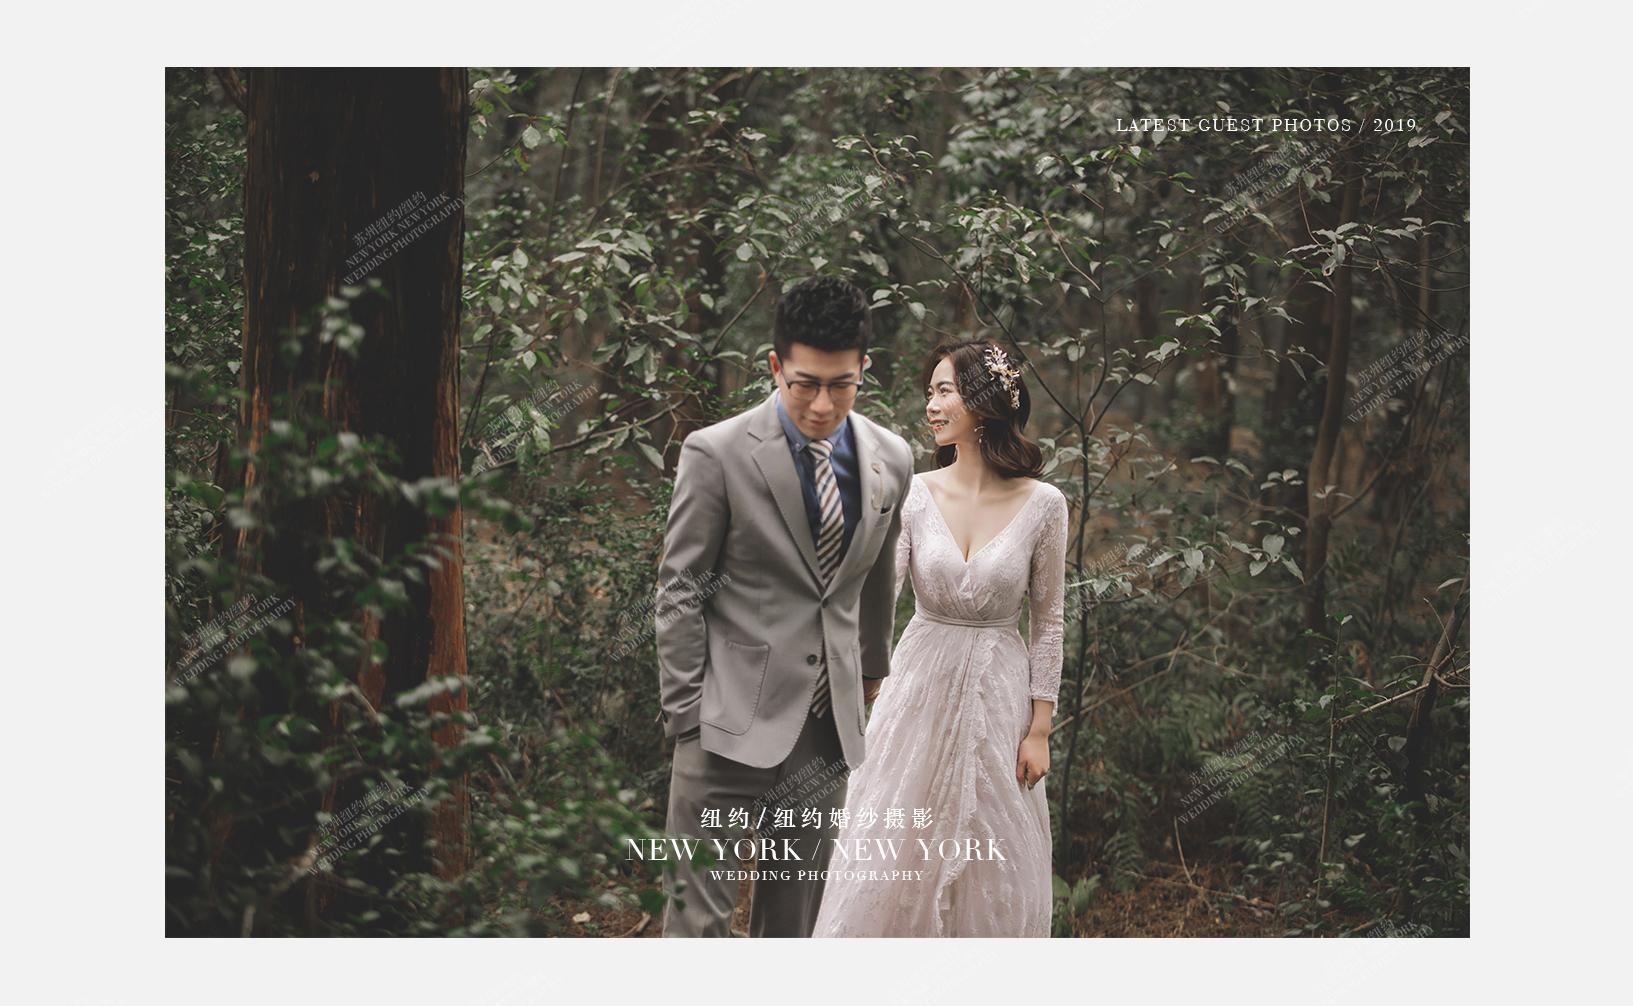 Mr.安 & Ms.周(纽约纽约最新客照)婚纱摄影照